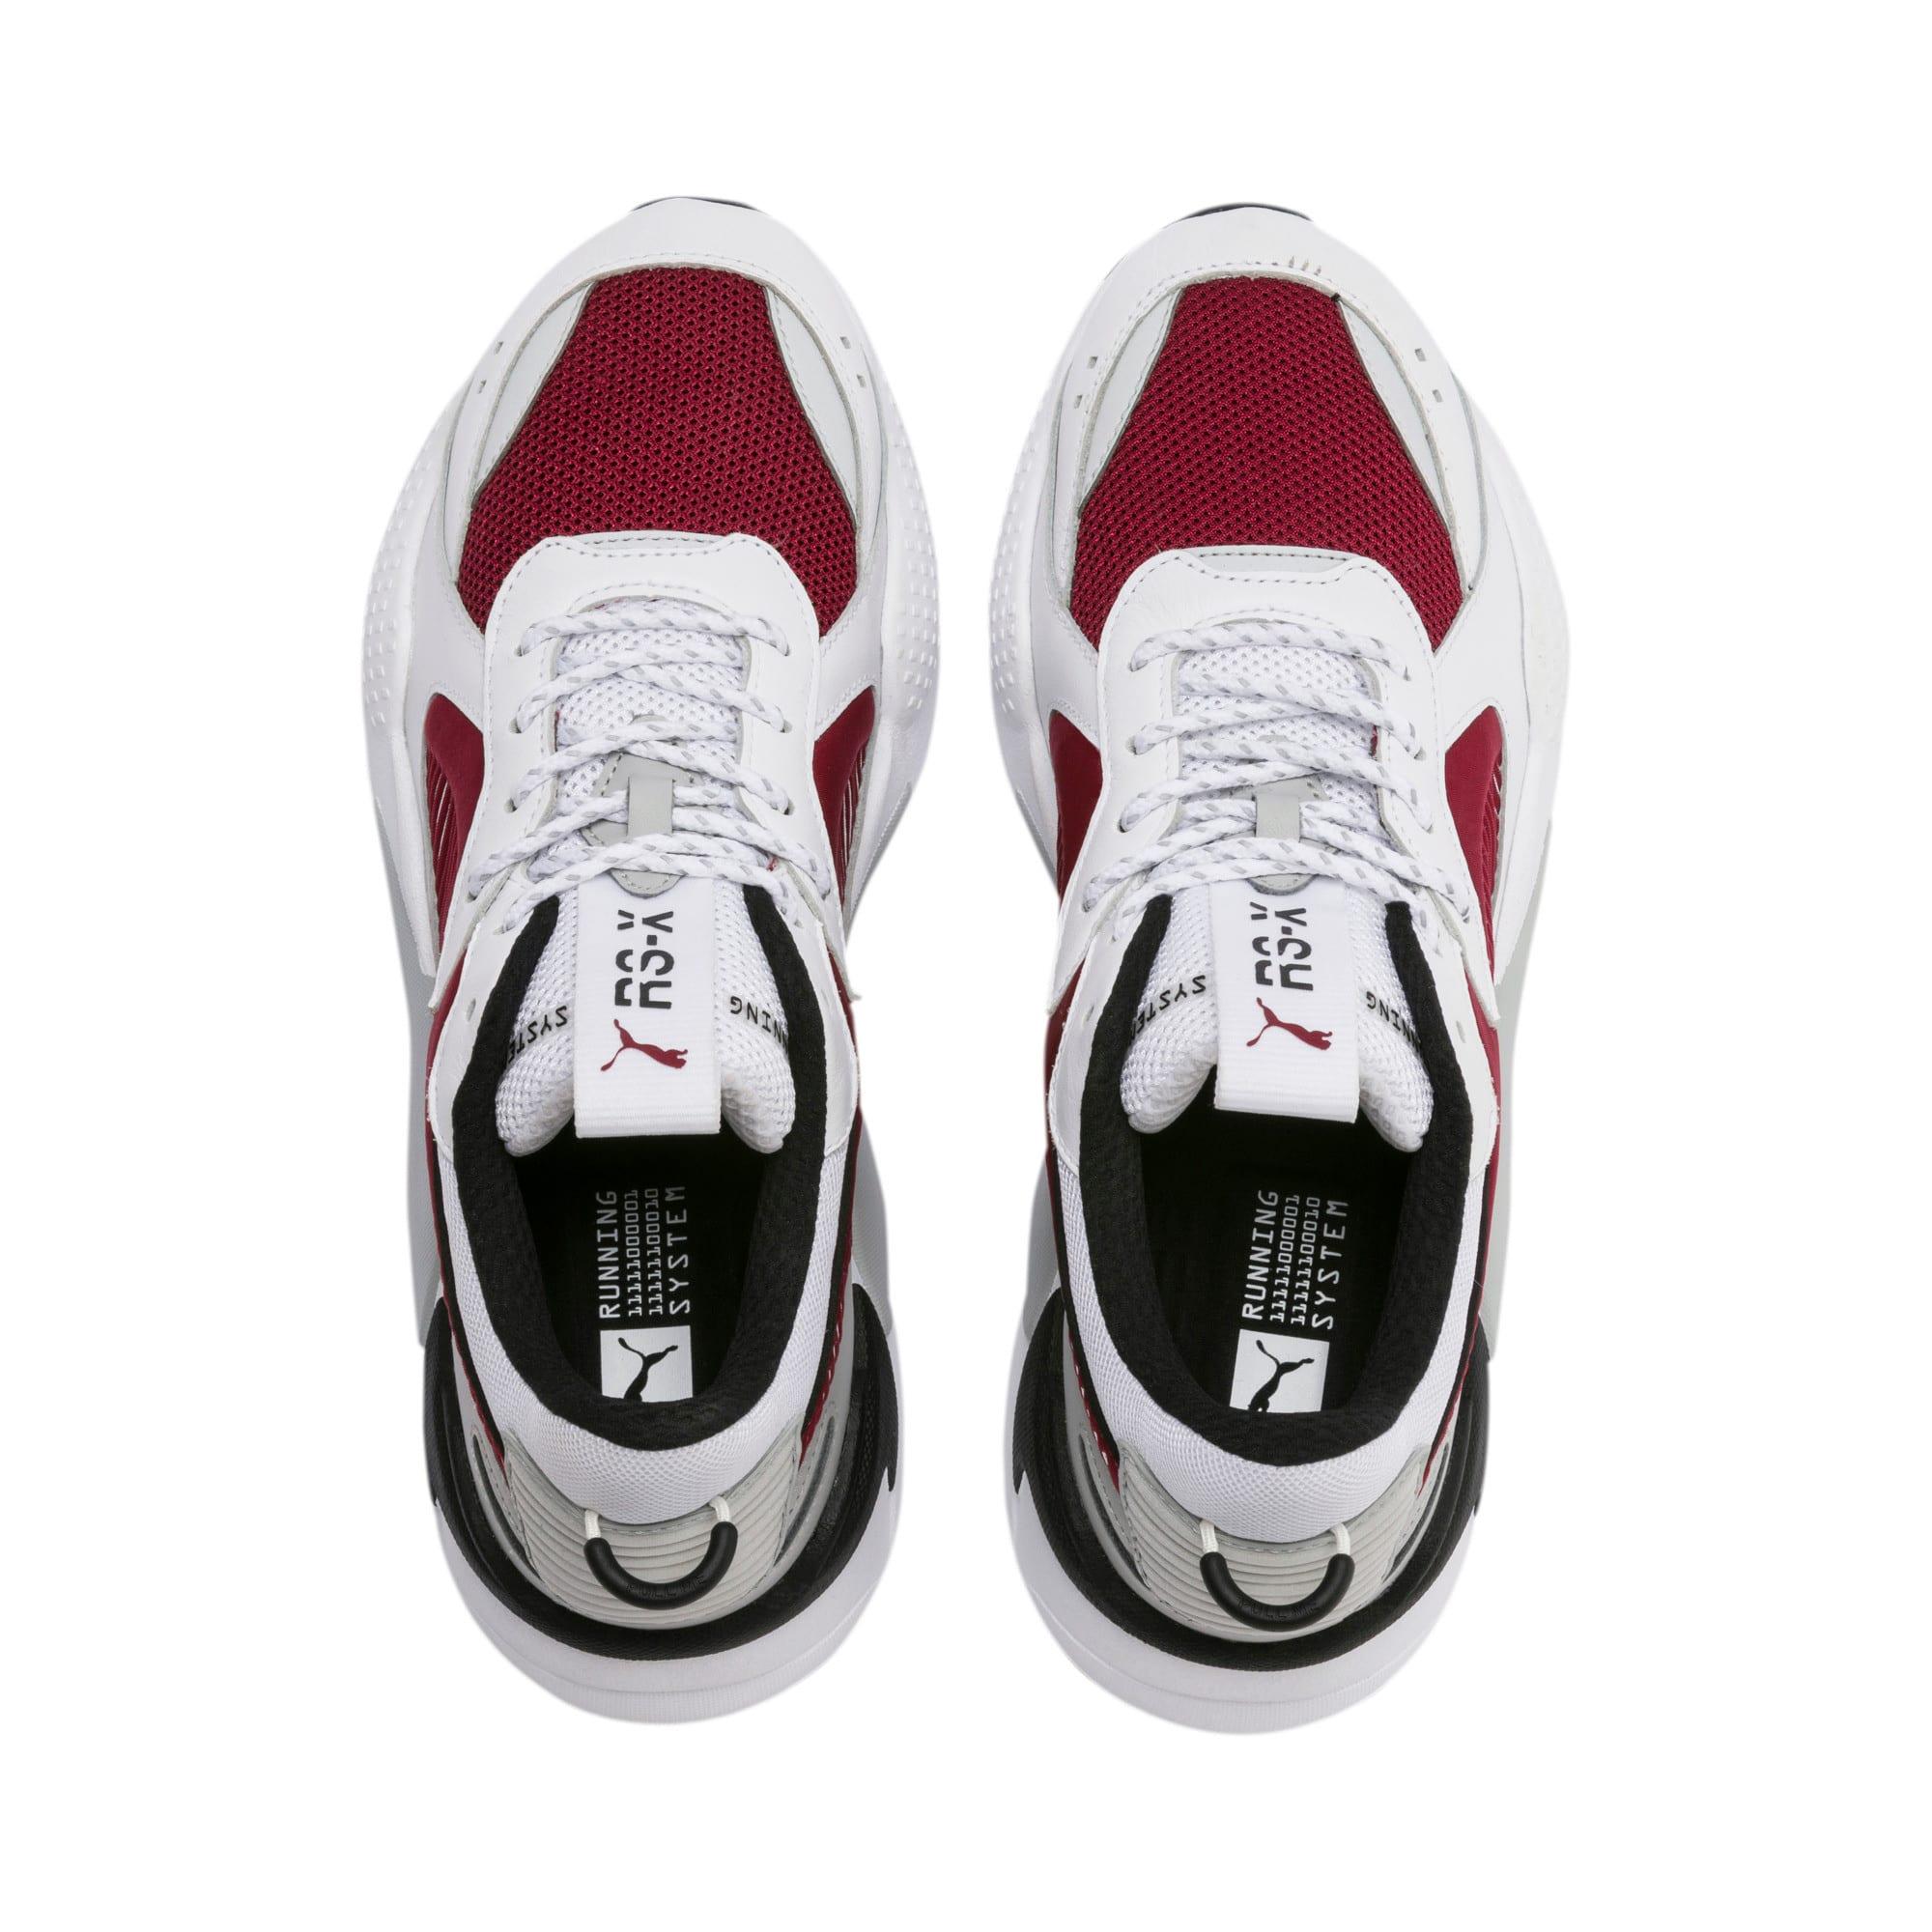 Thumbnail 7 of Basket RS-X, Puma White-Rhubarb, medium